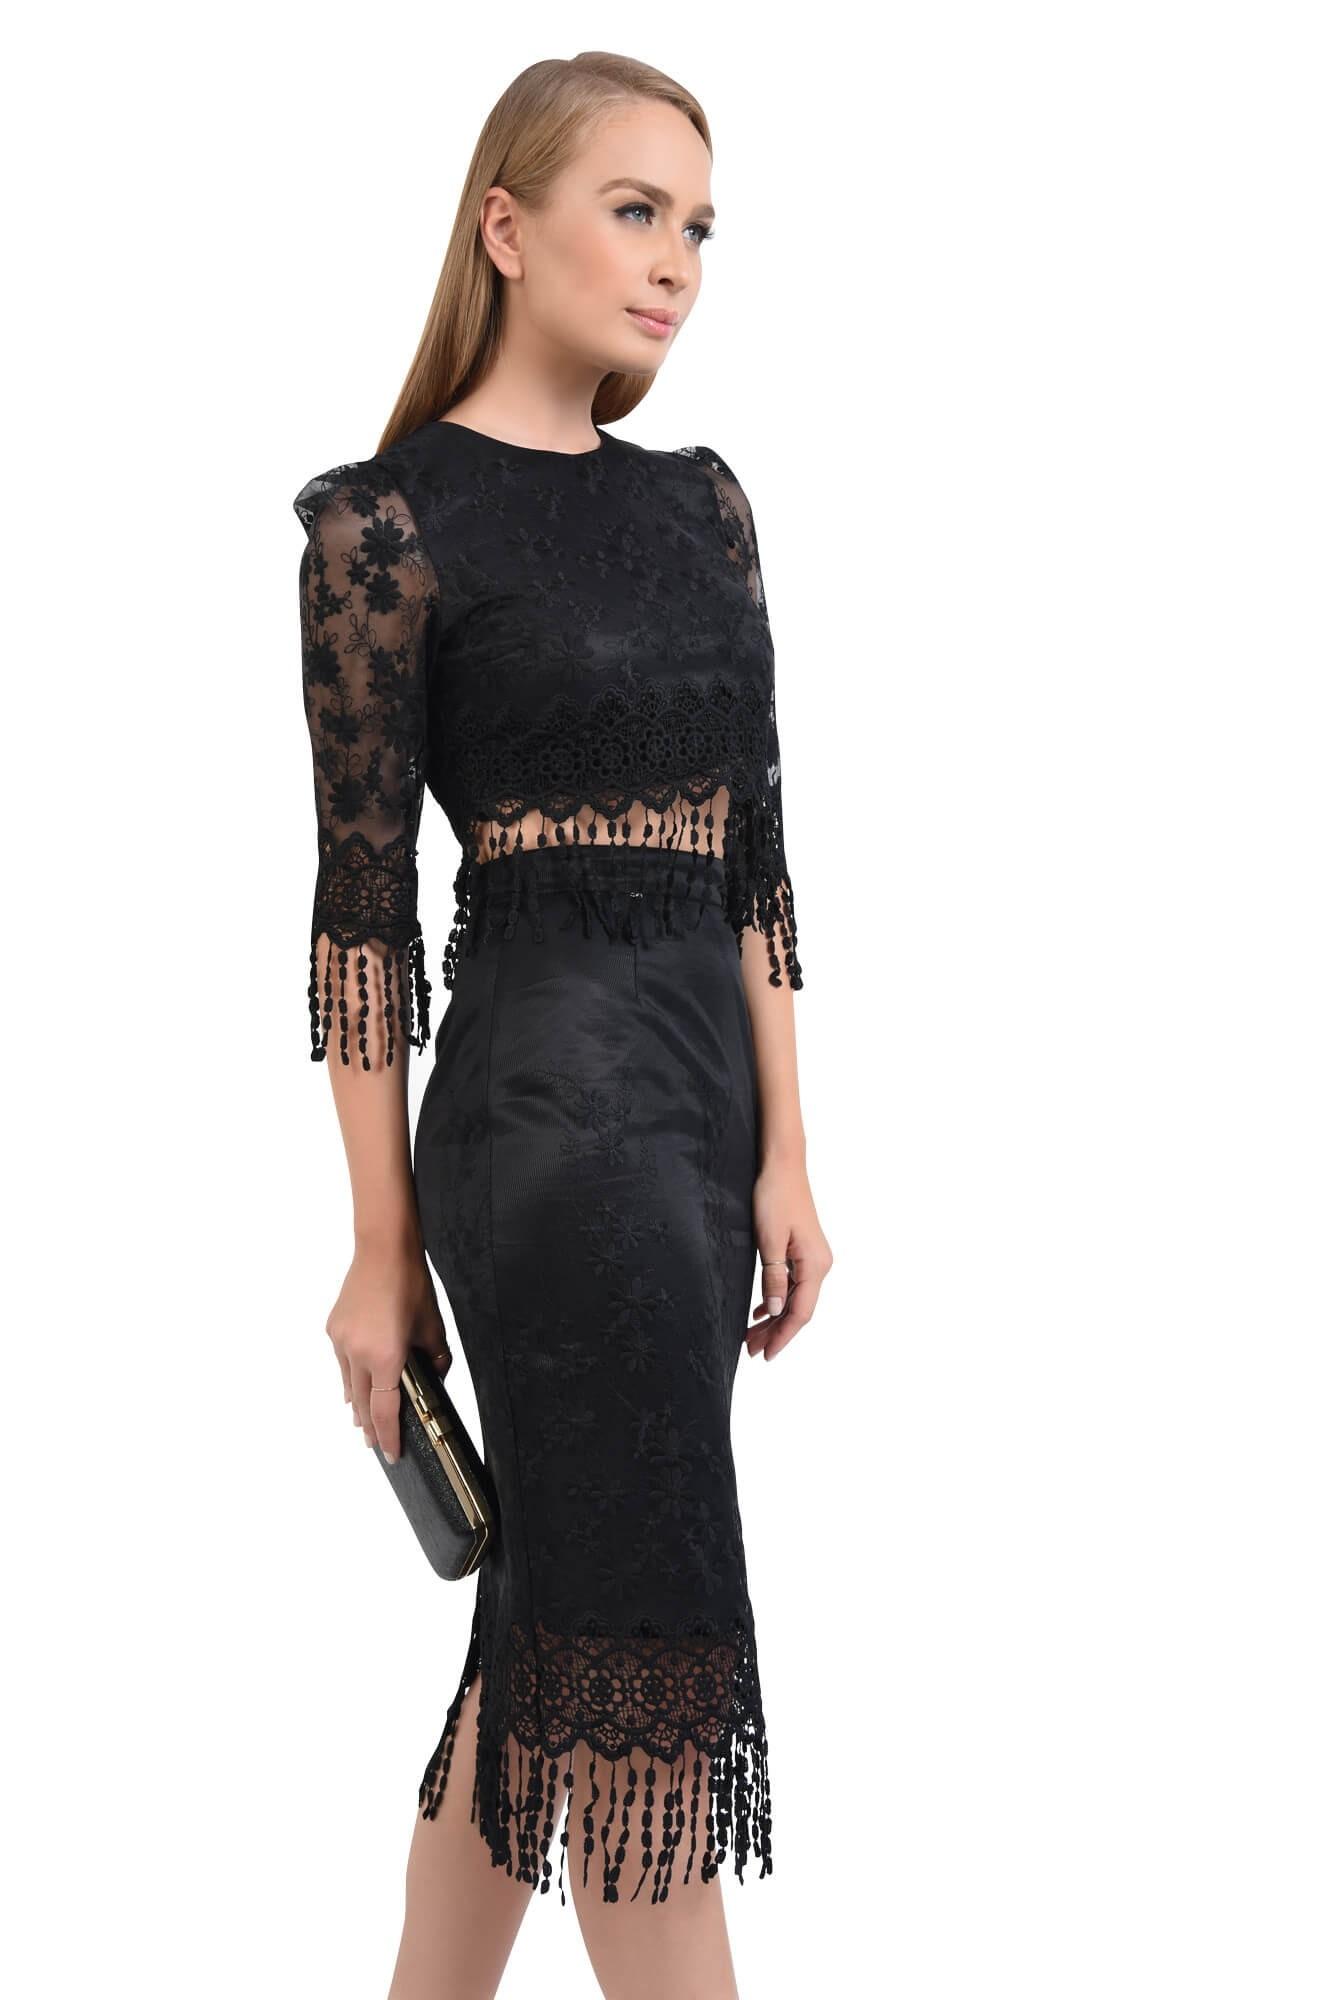 fusta eleganta, midi, conica, negru, broderie decupata